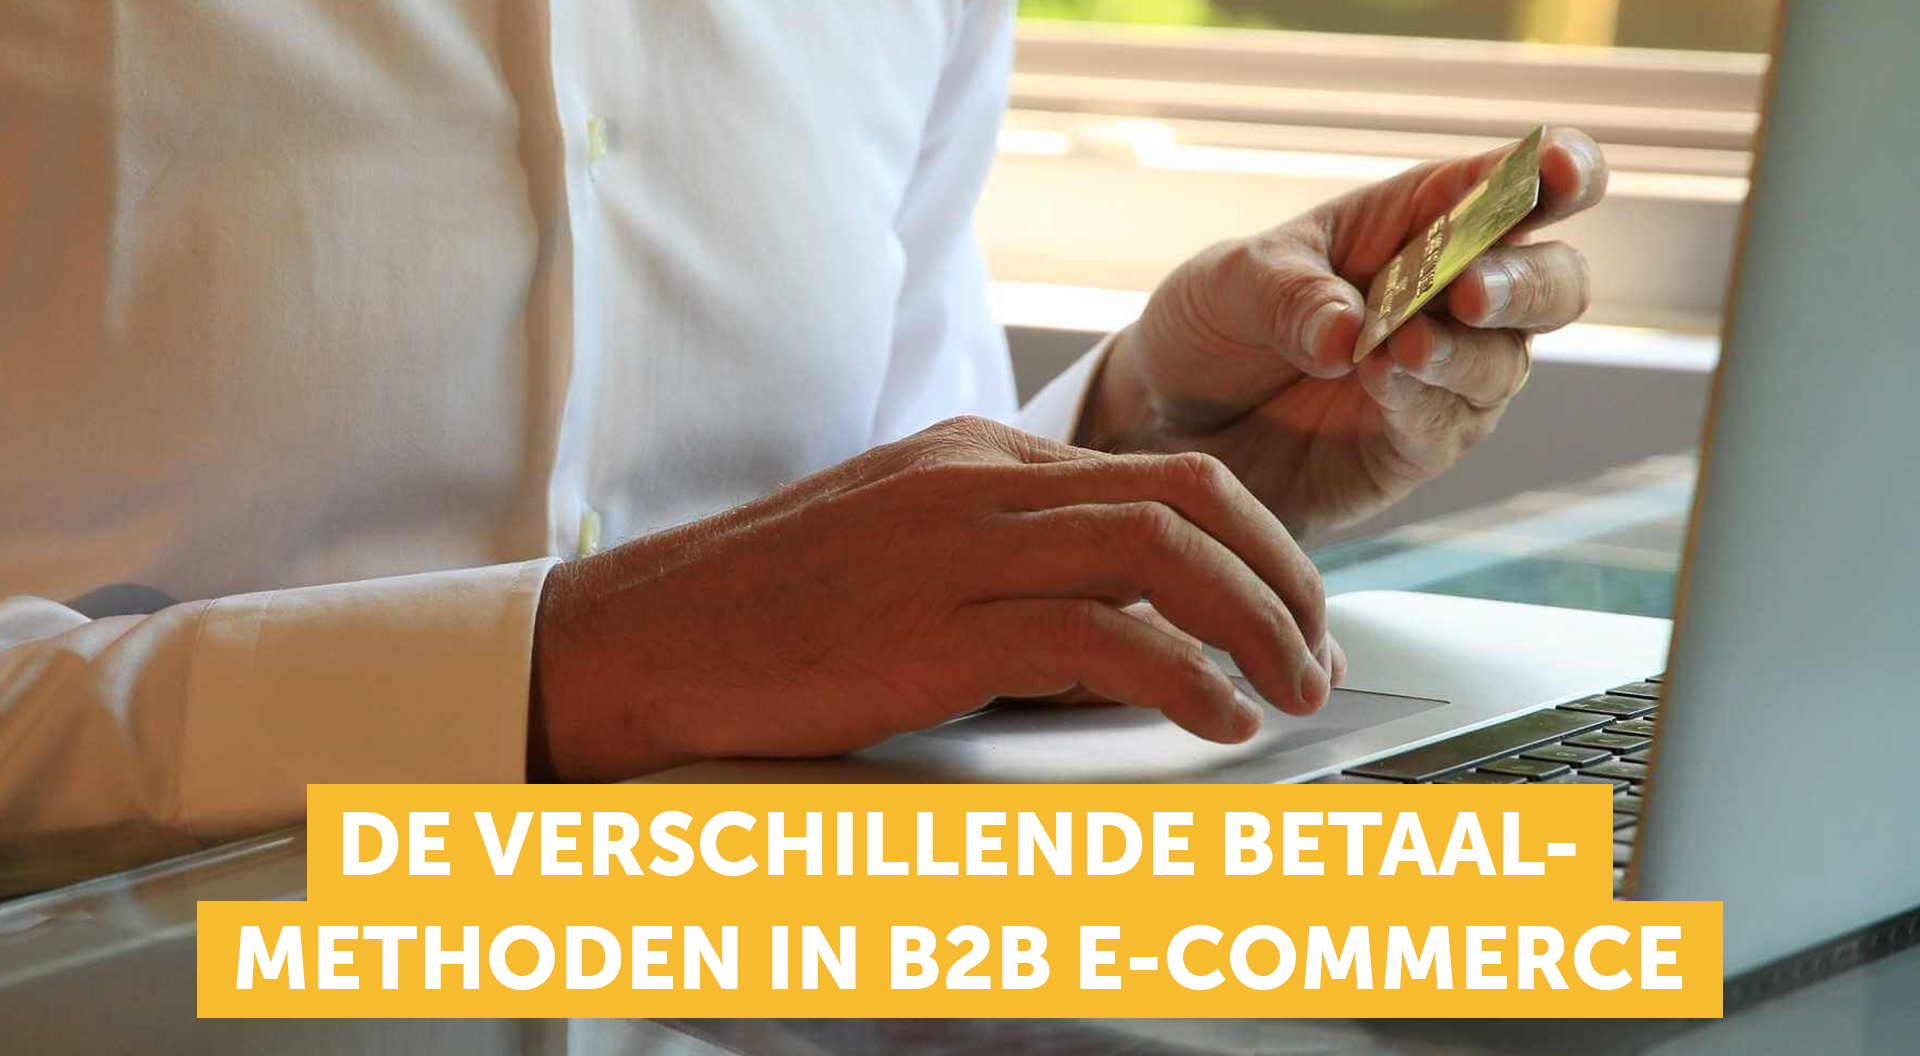 betaalmethoden voor b2b webshops